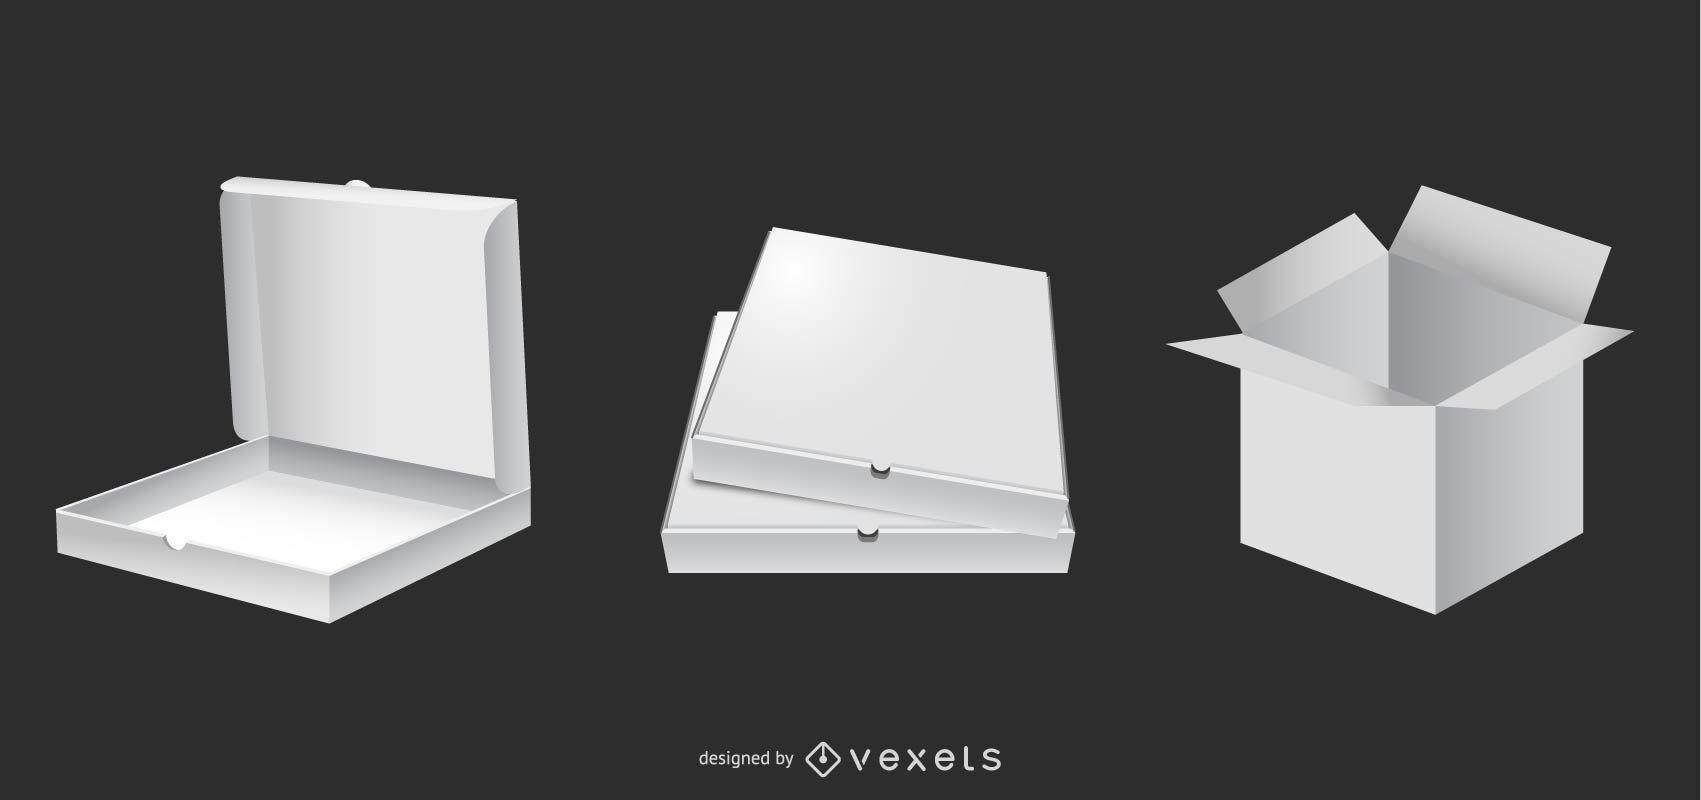 White Packaging Box set